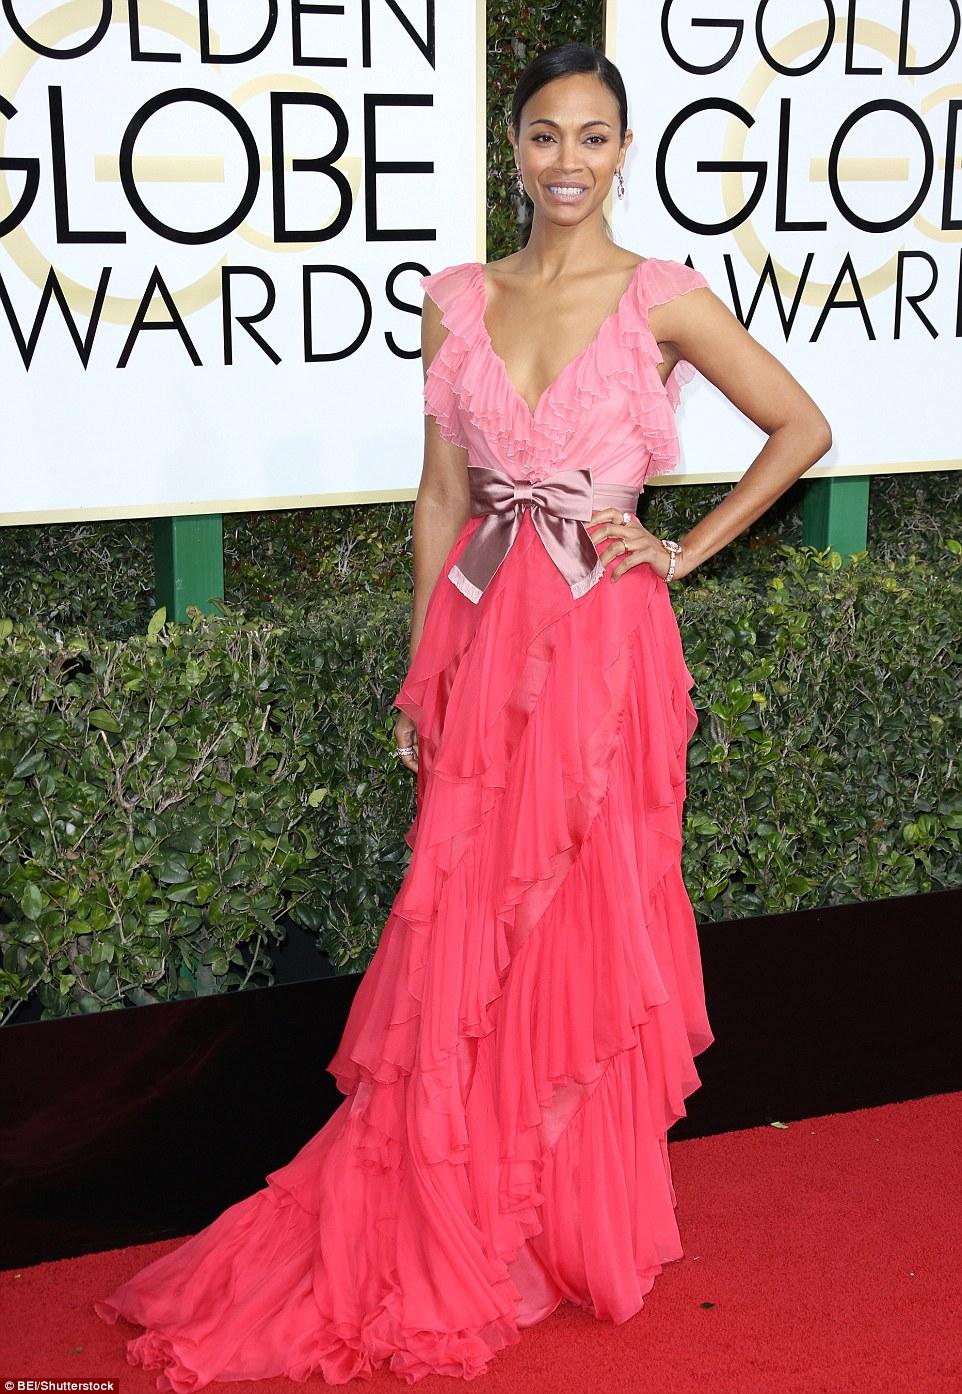 Mais tons de rosa: Zoe Saldana também comete o pecado de tonalidades de choque de rosa sobre o tapete vermelho em cima de babados de correspondência com ainda mais babados